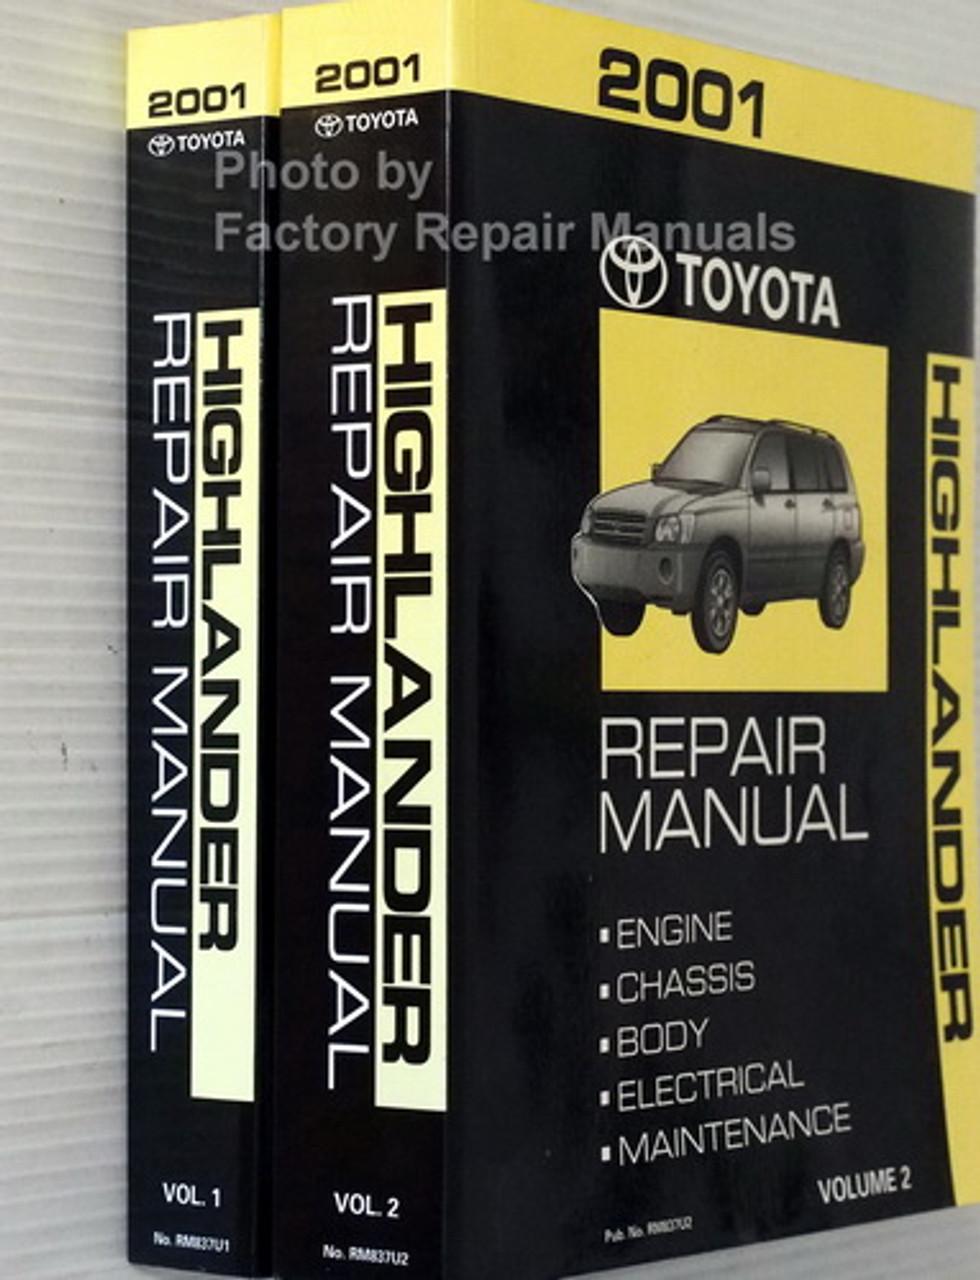 2002 Toyota Highlander Factory Service Manual Set Original Shop Repair Factory Repair Manuals